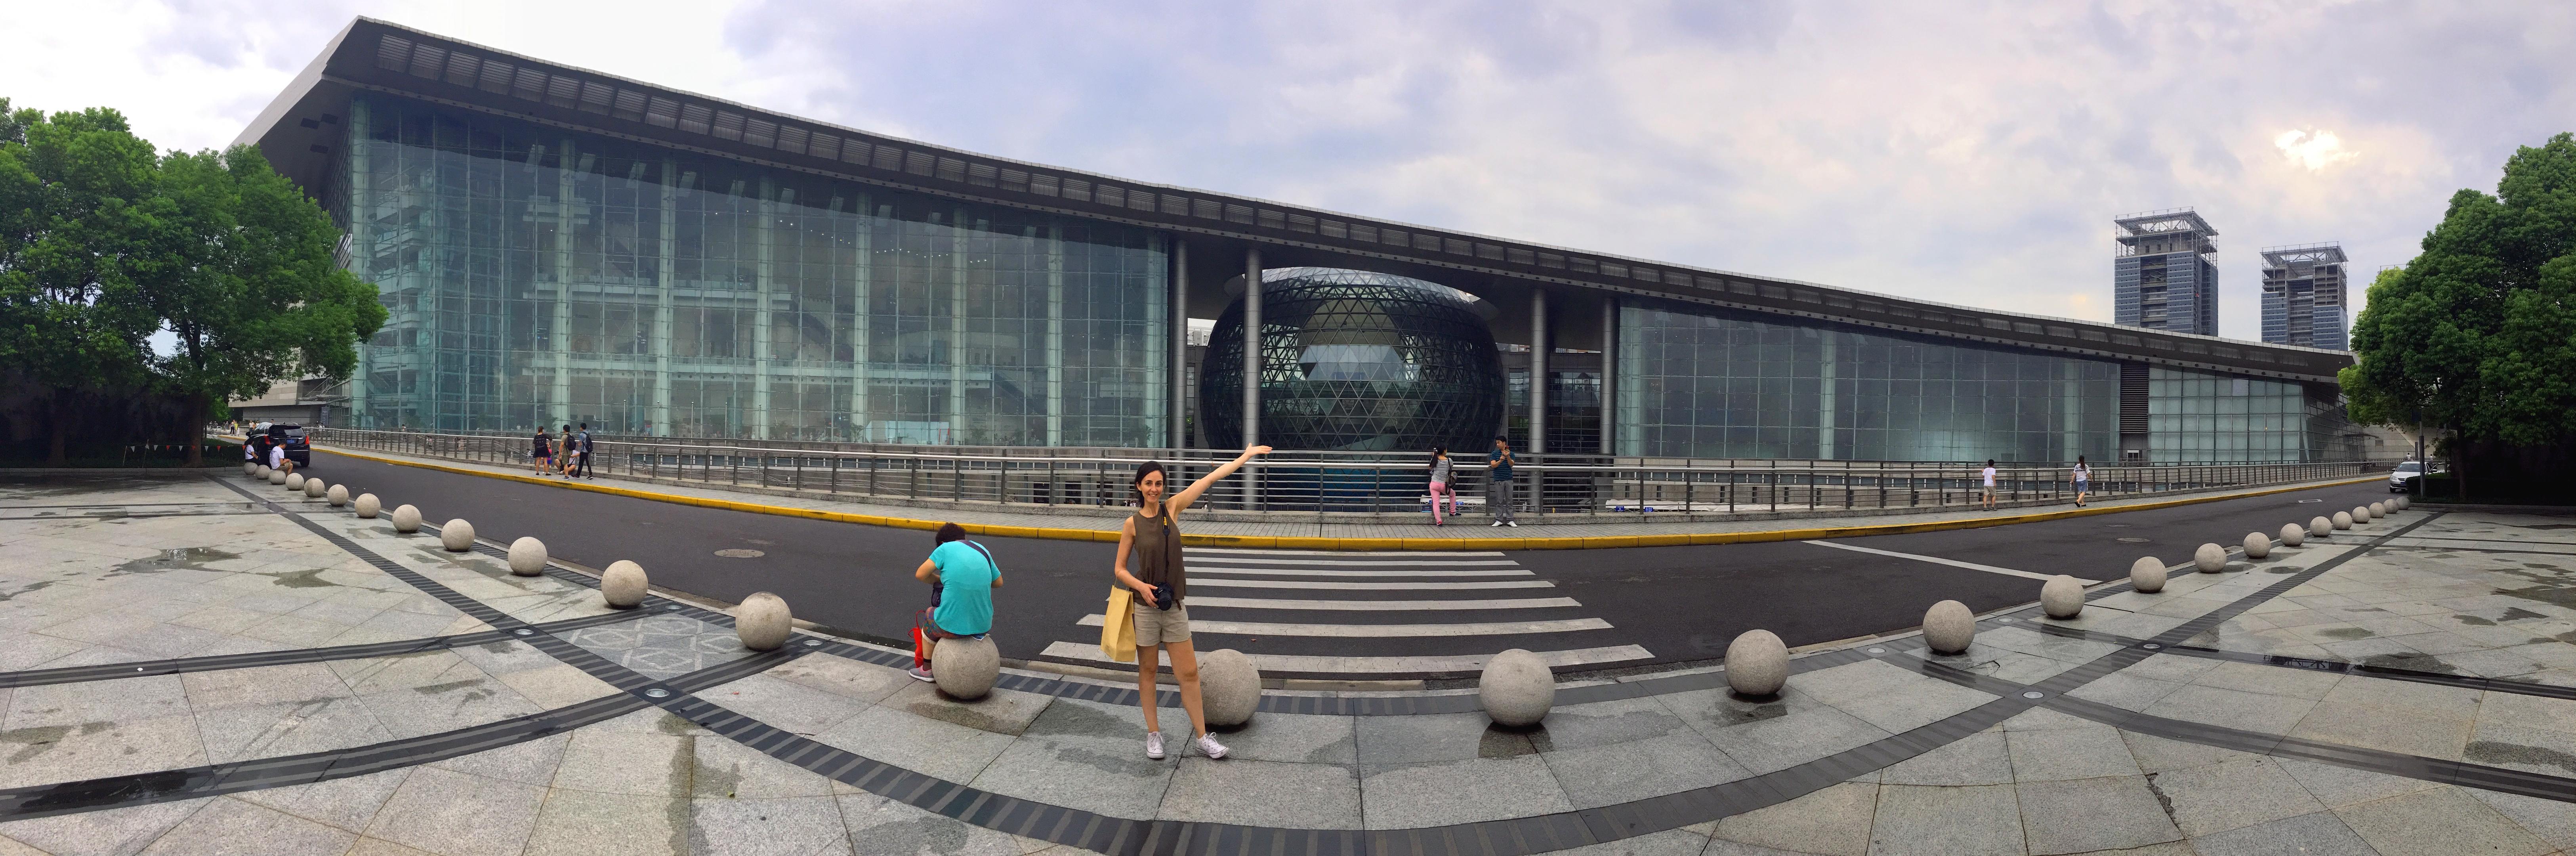 Museo de Ciencia y Tecnología de Shanghai en Pudong